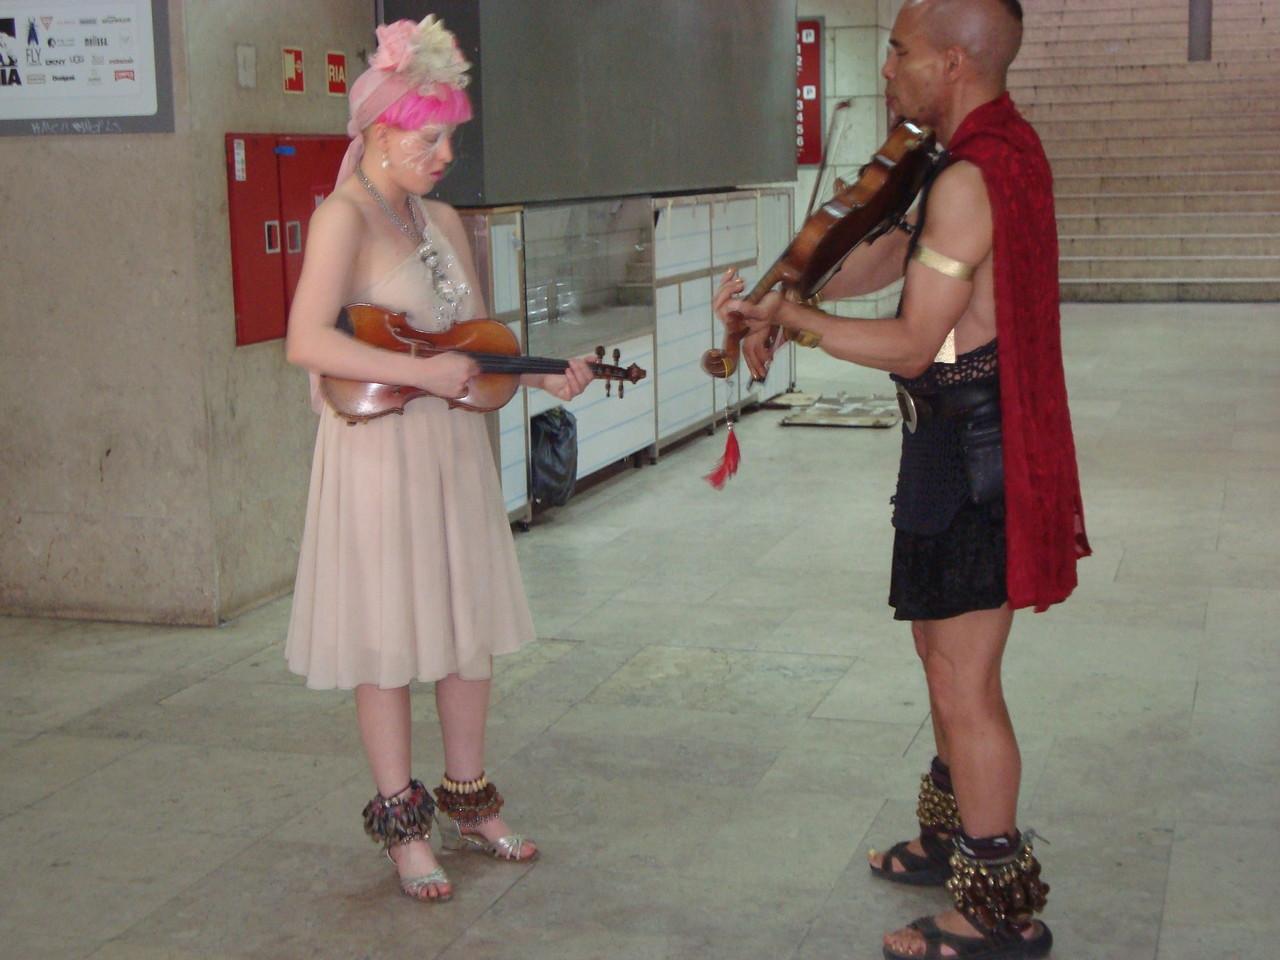 大好きなアーティストです。バイオリン2つと声とダンスで見たことのない音楽を奏でます。